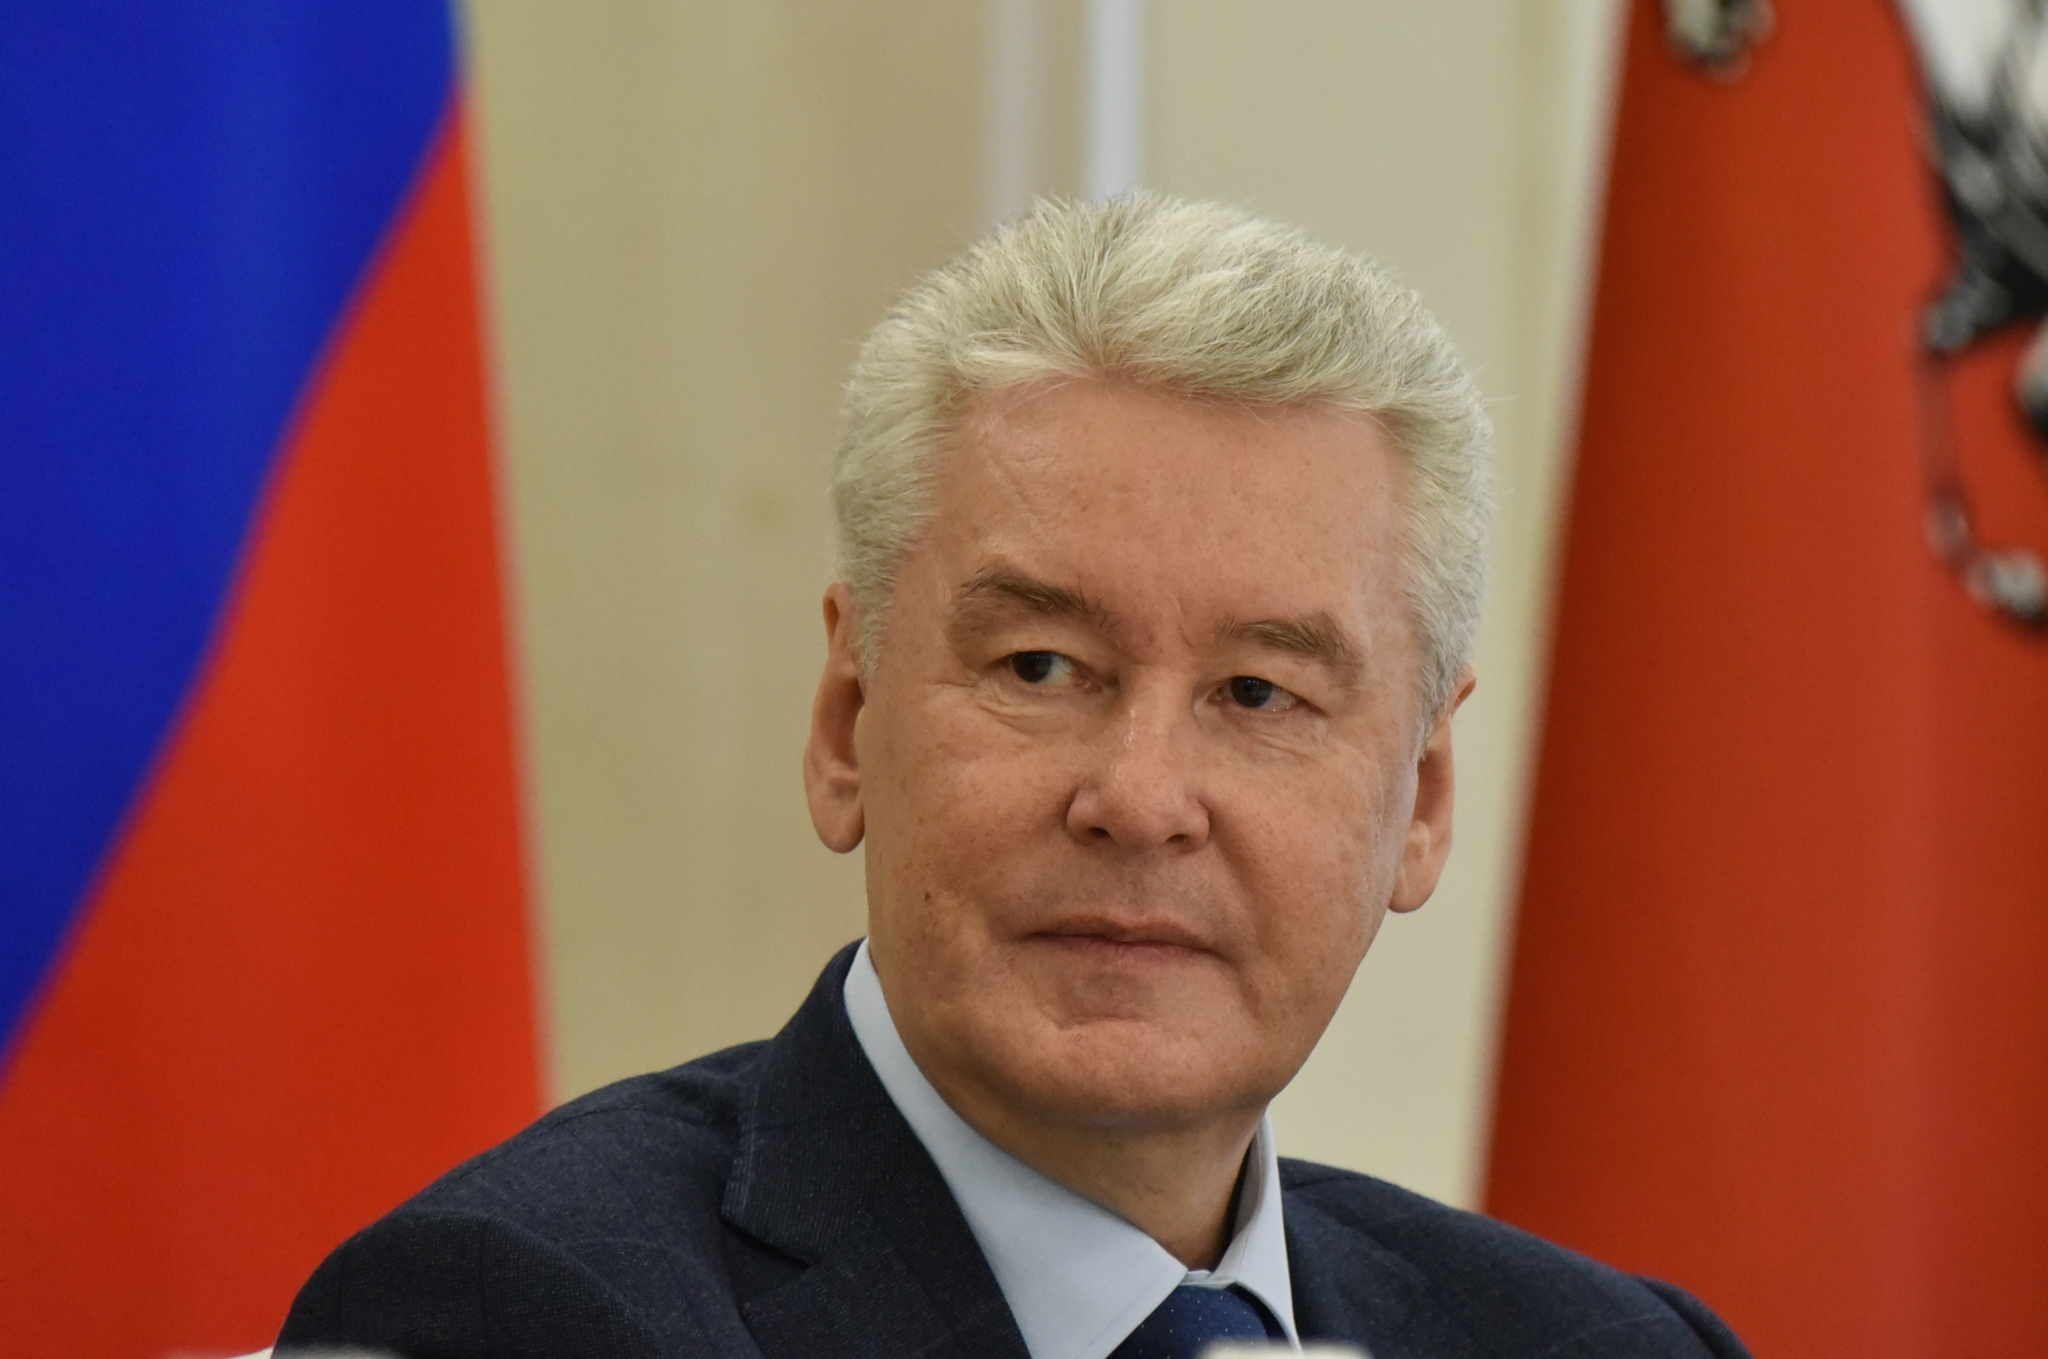 Собянин принял участие в церемонии открытия памятника Евгению Примакову